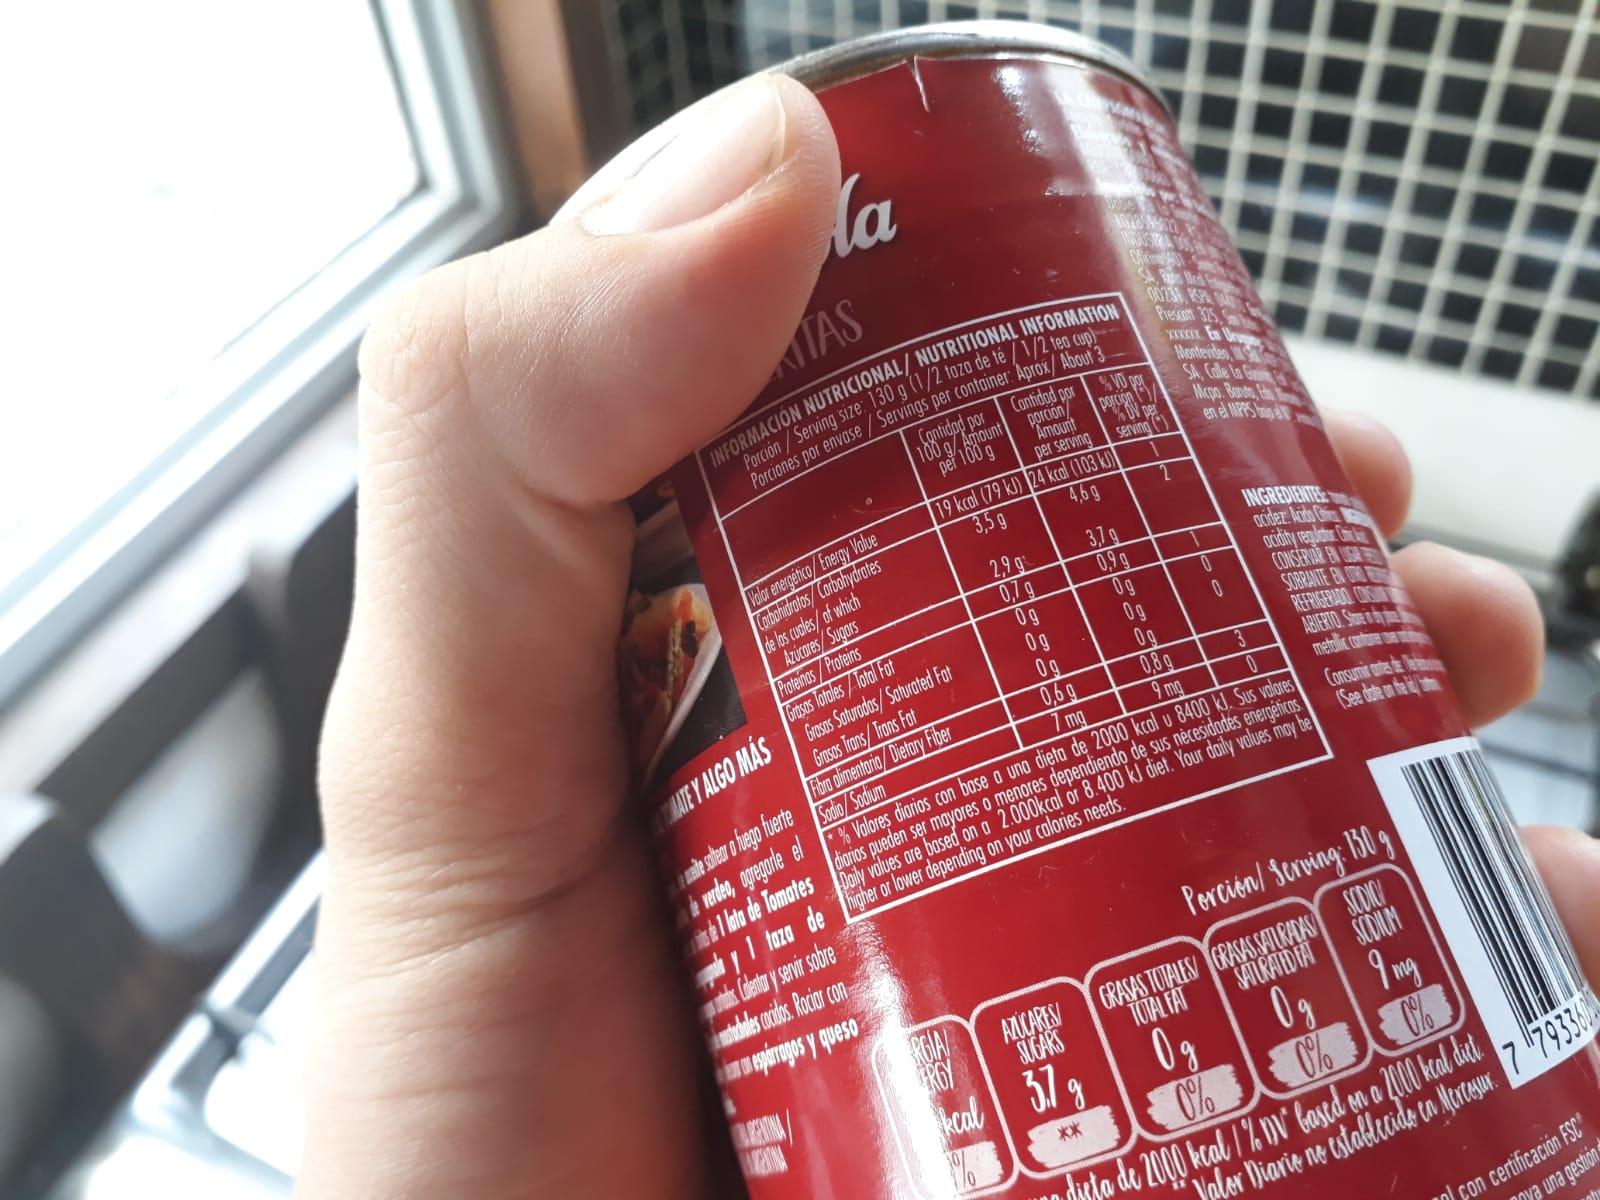 Las etiquetas nutricionales tienen información sumamente importante. Foto: Carlos Loría - LARED21